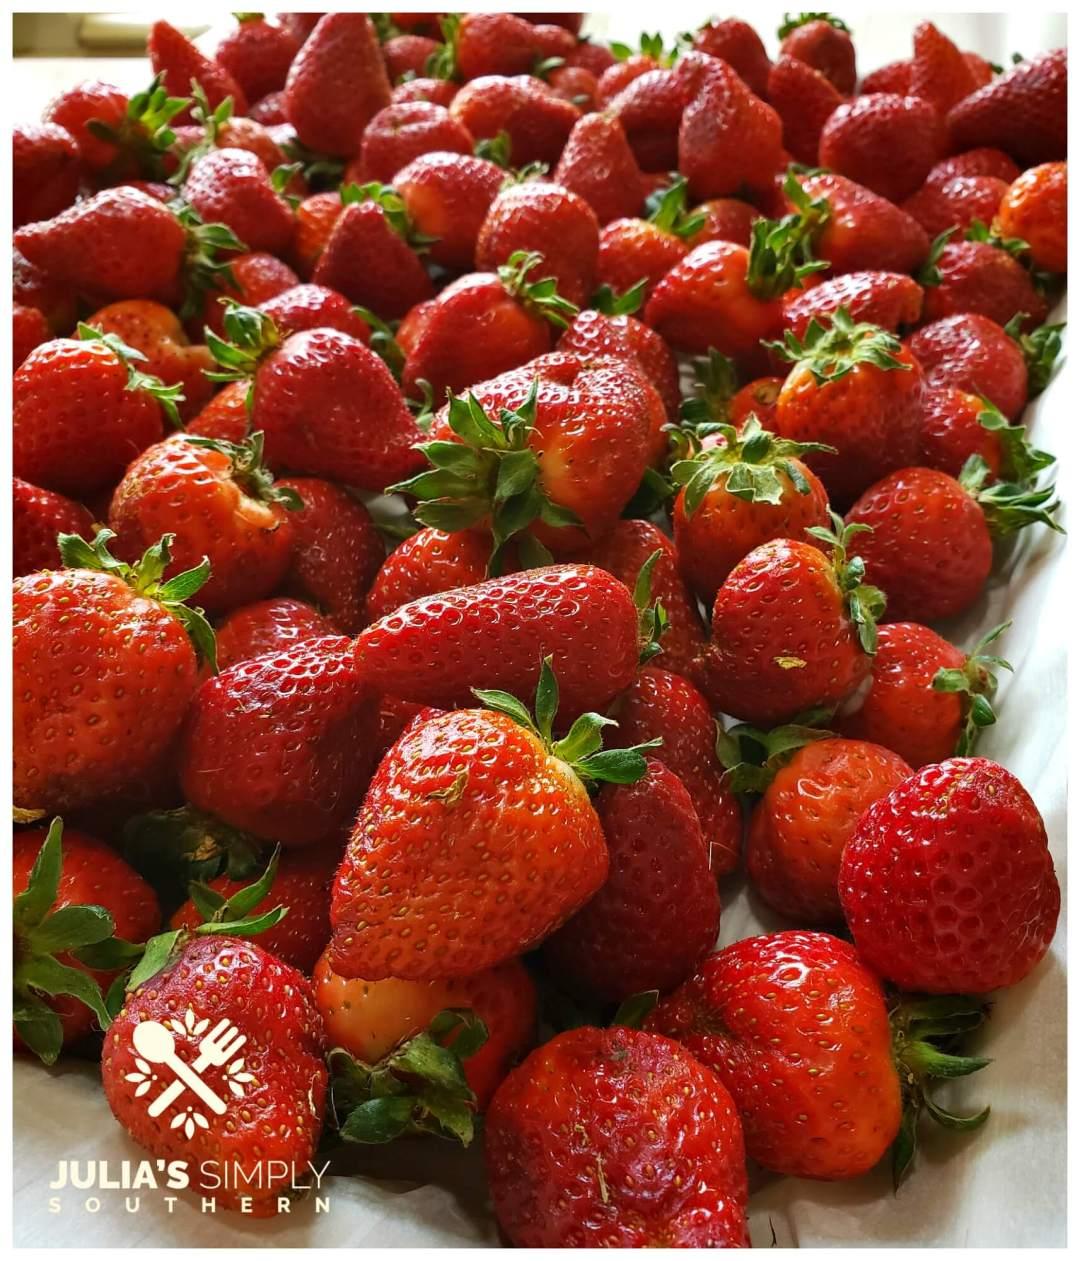 Beautiful red ripe strawberries